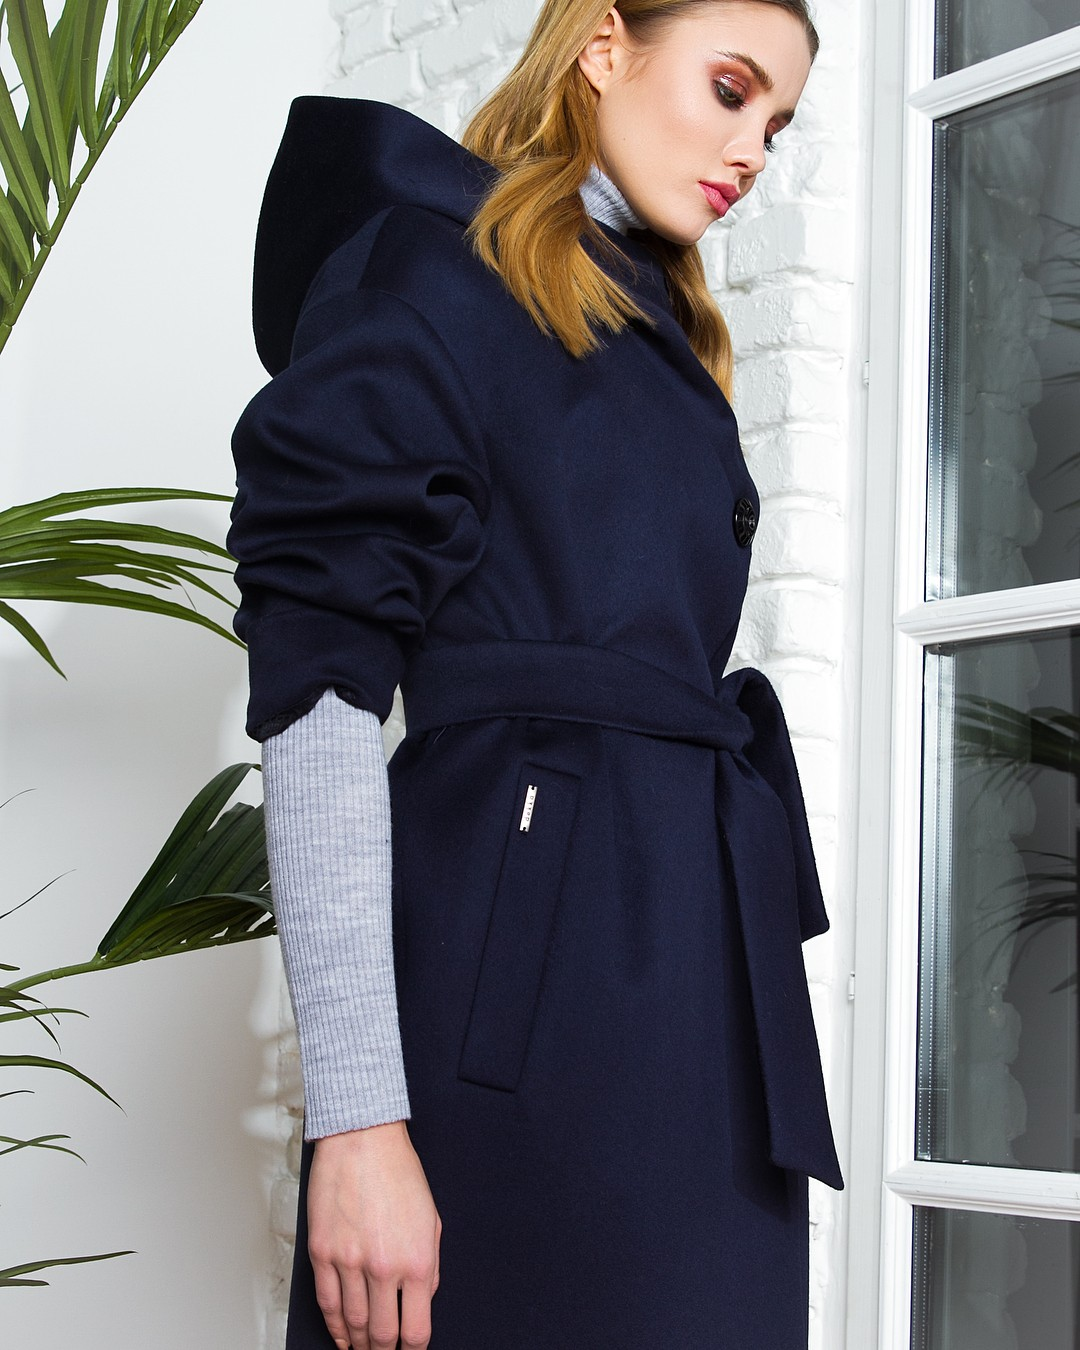 Демисезонное пальто Dekka 553-1553 с кроссовками